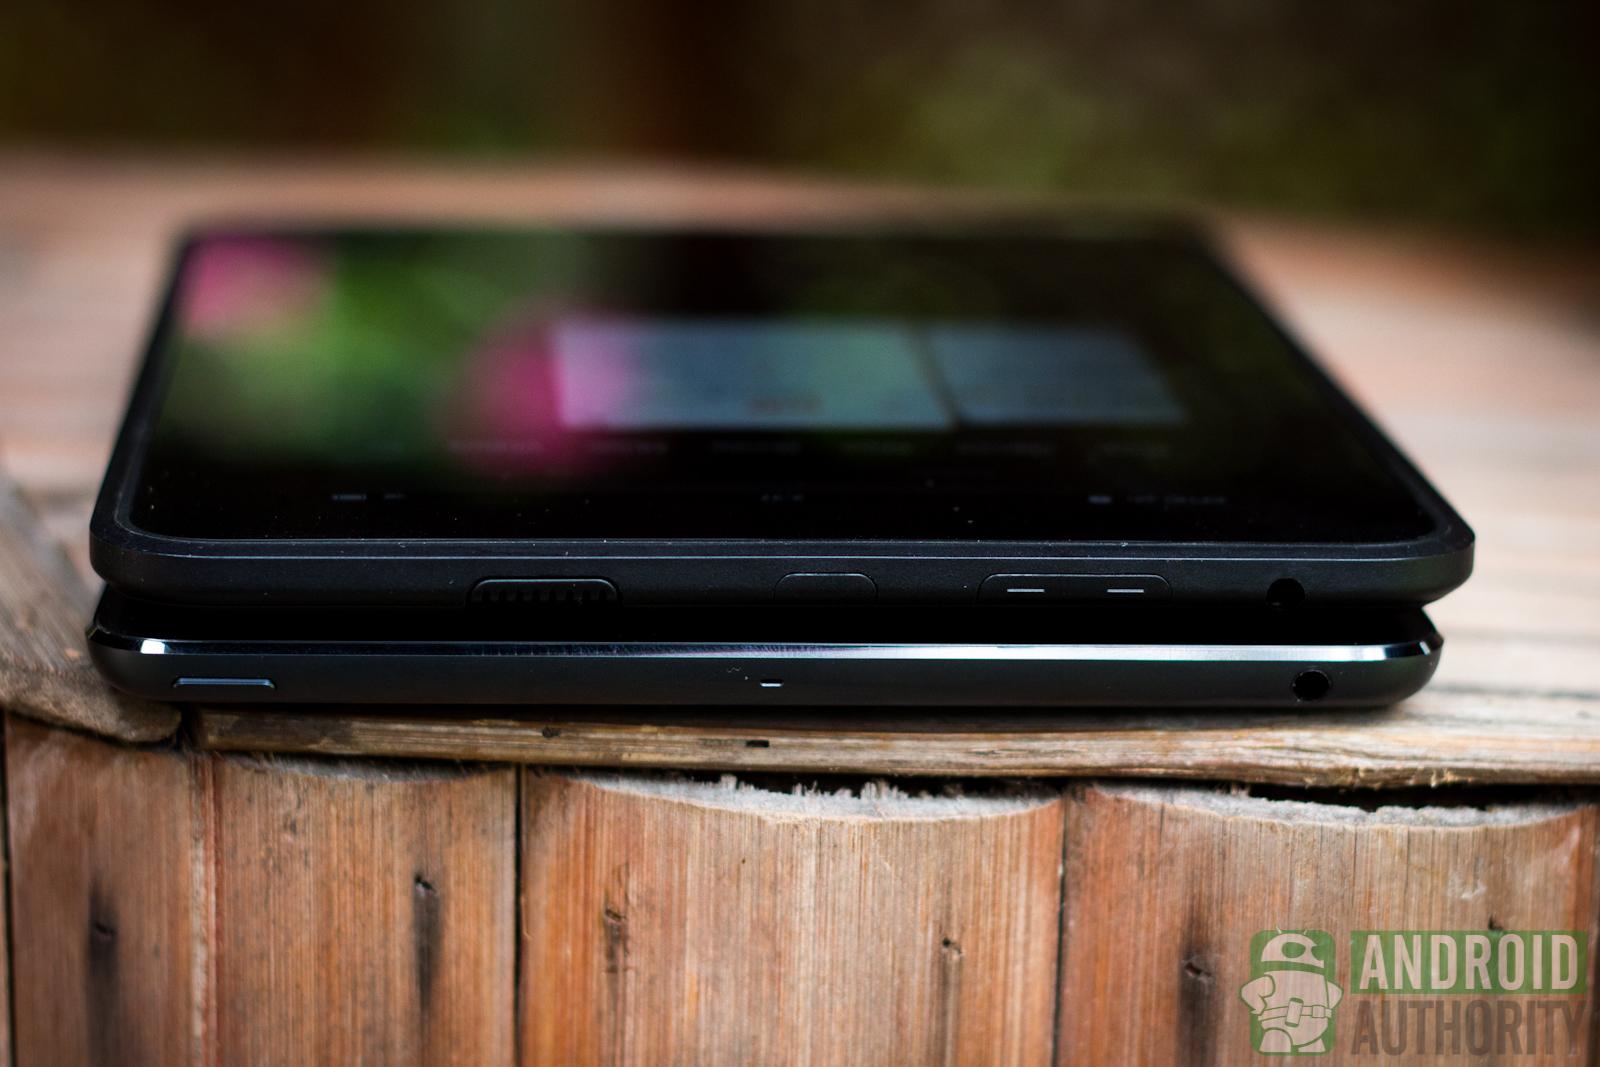 Ipad Mini Compared to Ipad 2 Compared to The Ipad Mini